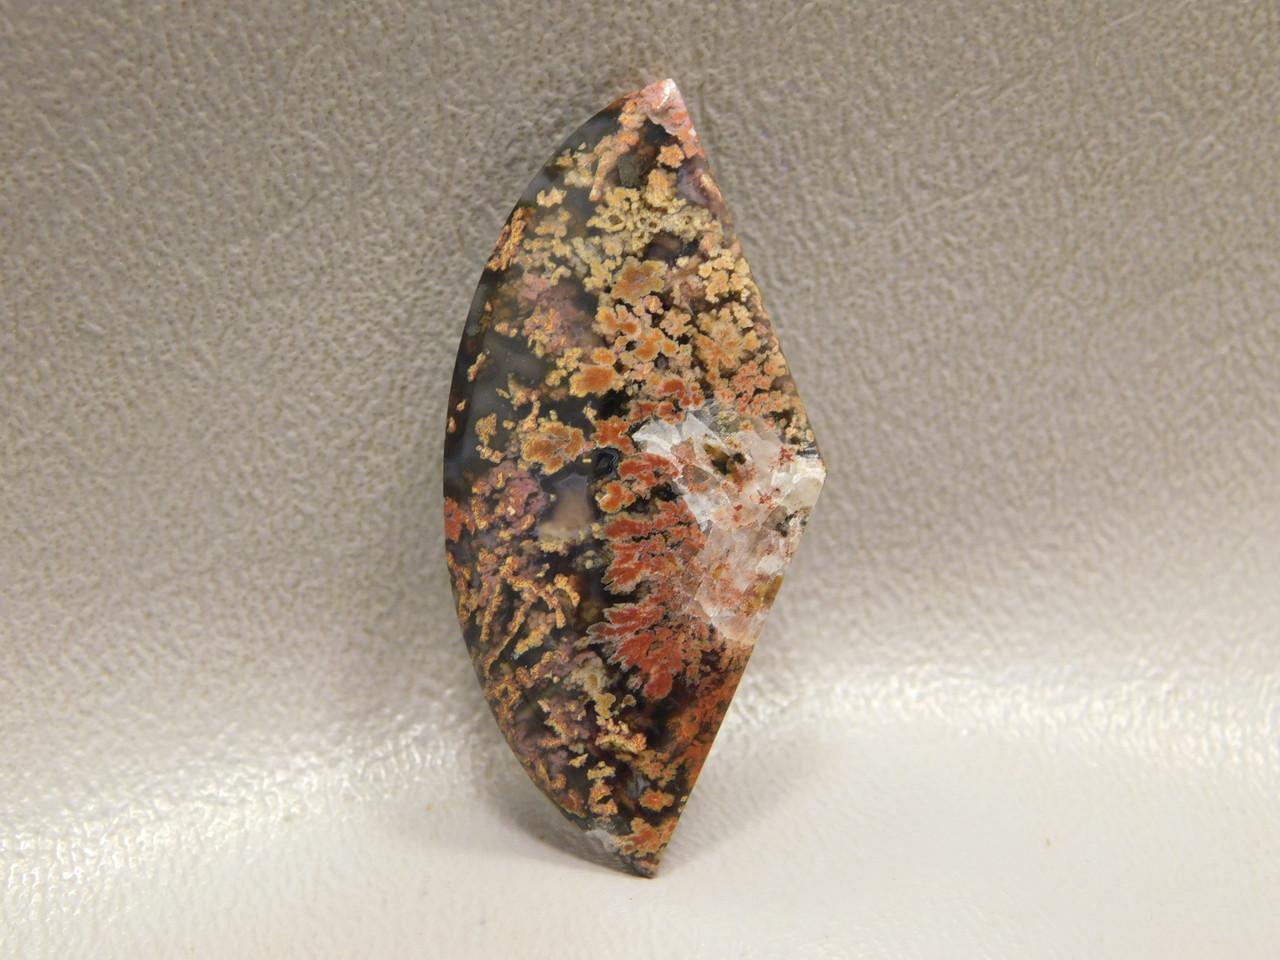 Stone Cabochon Priday Plume Agate #2